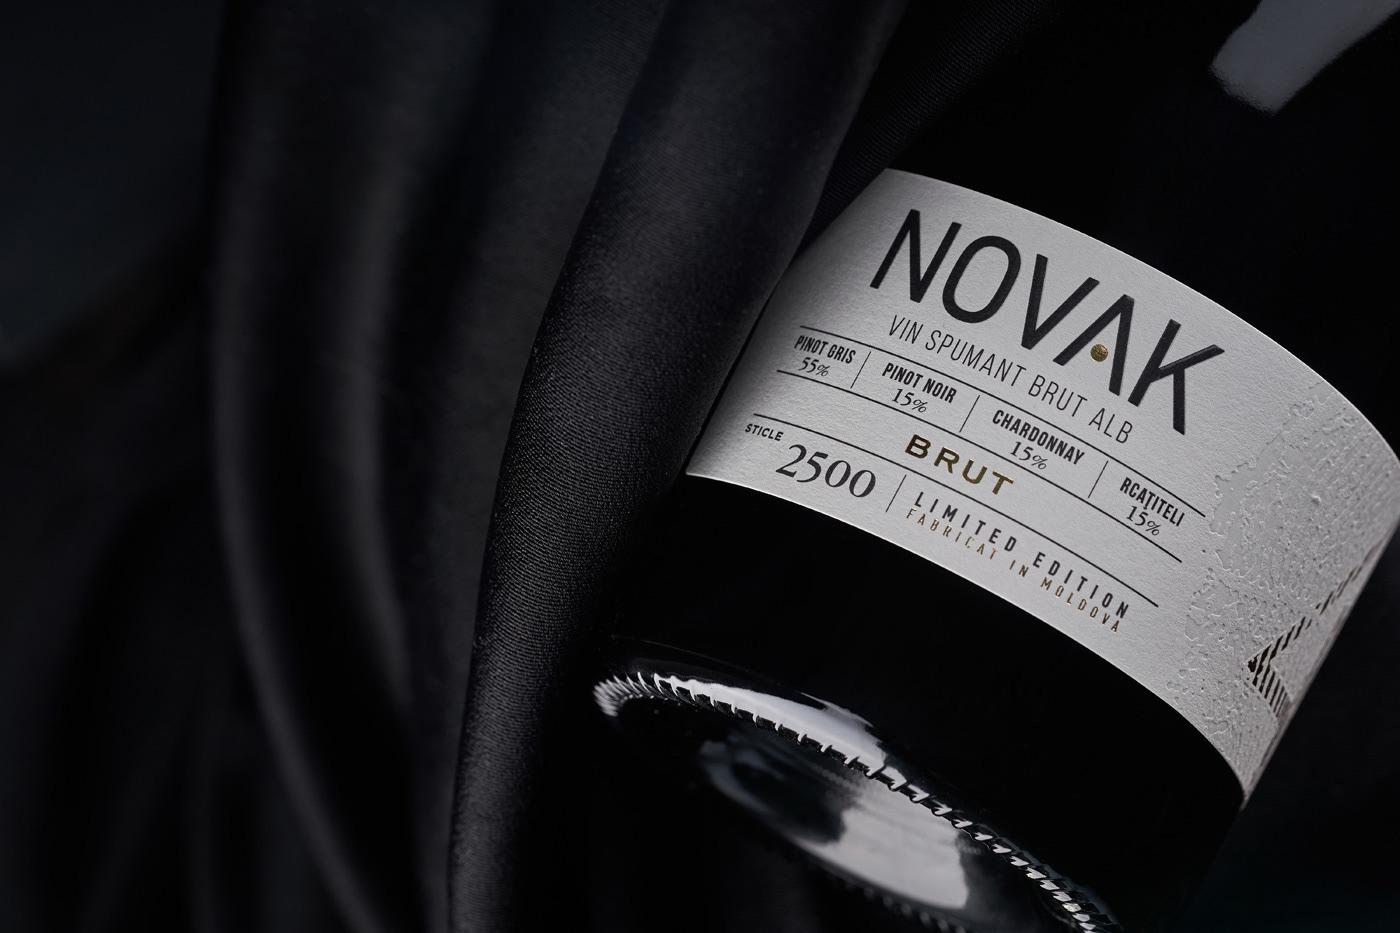 43oz design studio label design Moldova novak winery Packaging packaging design sparkling wine wine label